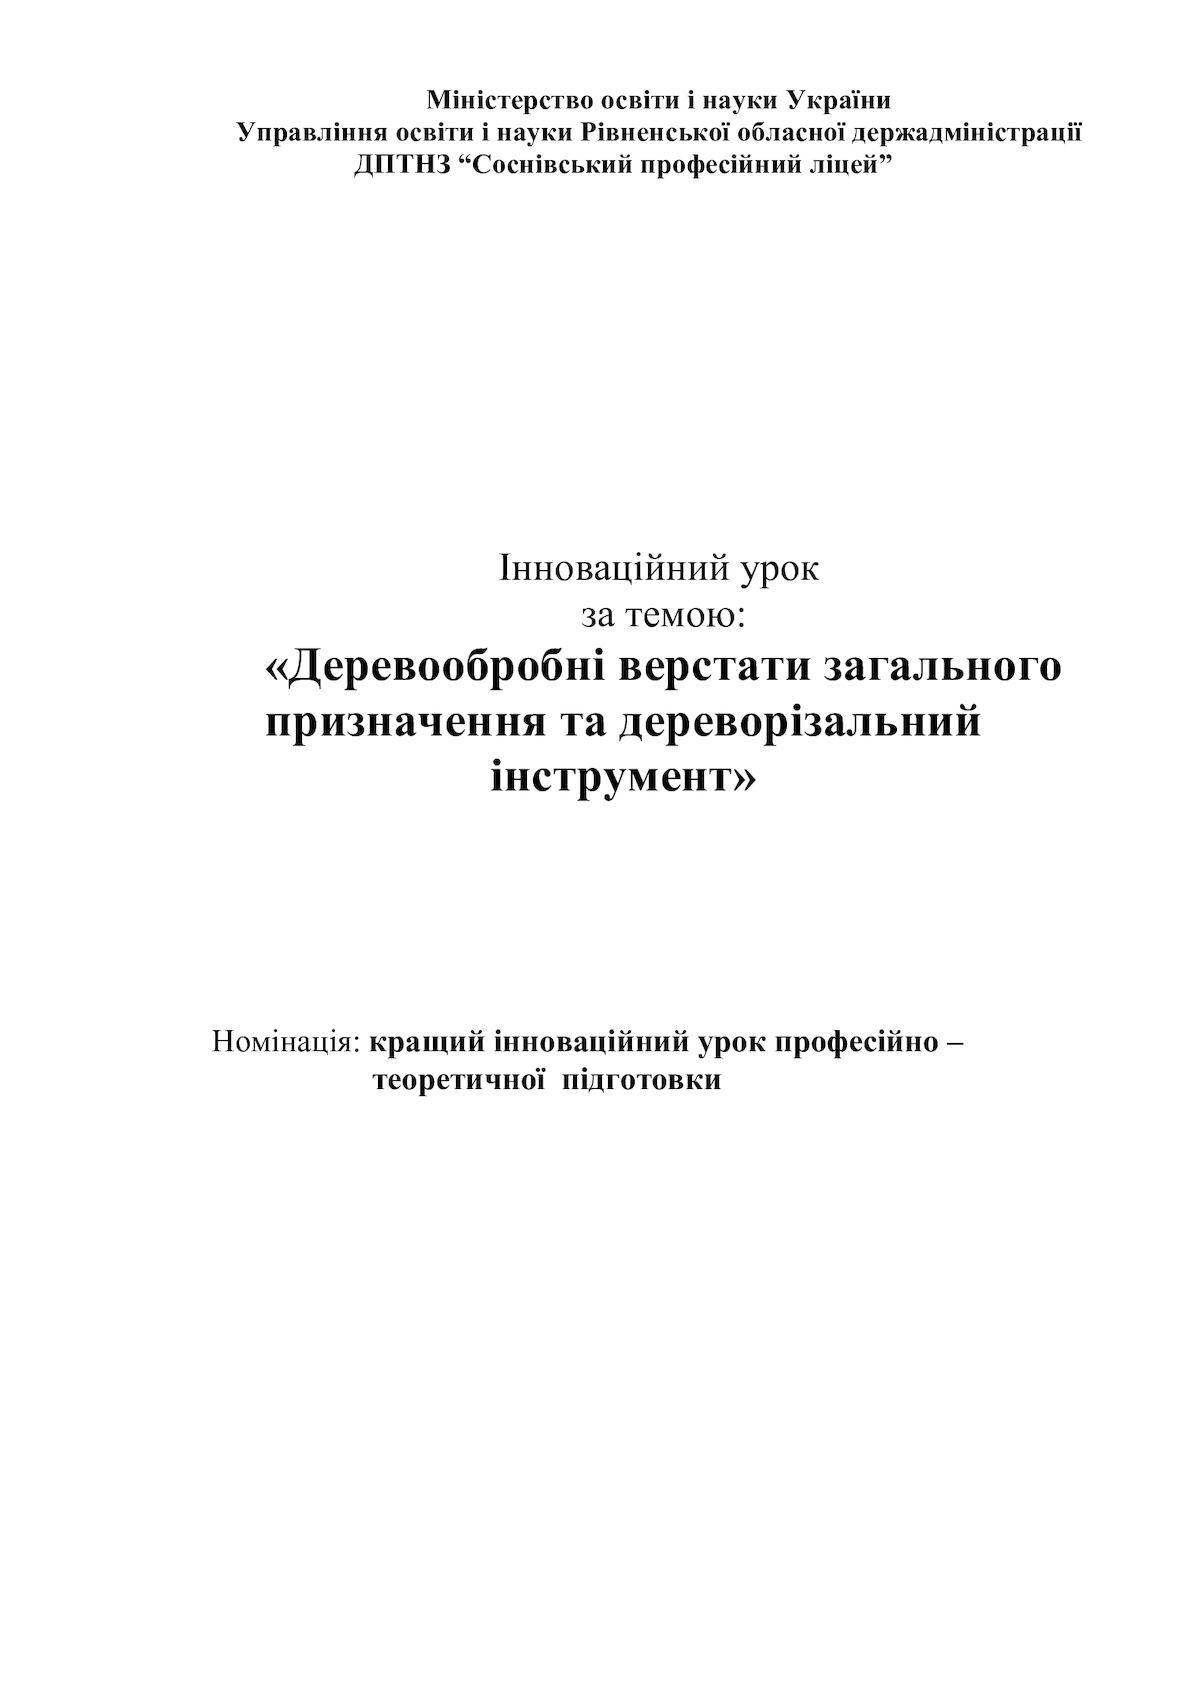 Марчук Т.М. Деревообробні верстати загального призначення та дереворізальний інструмент.